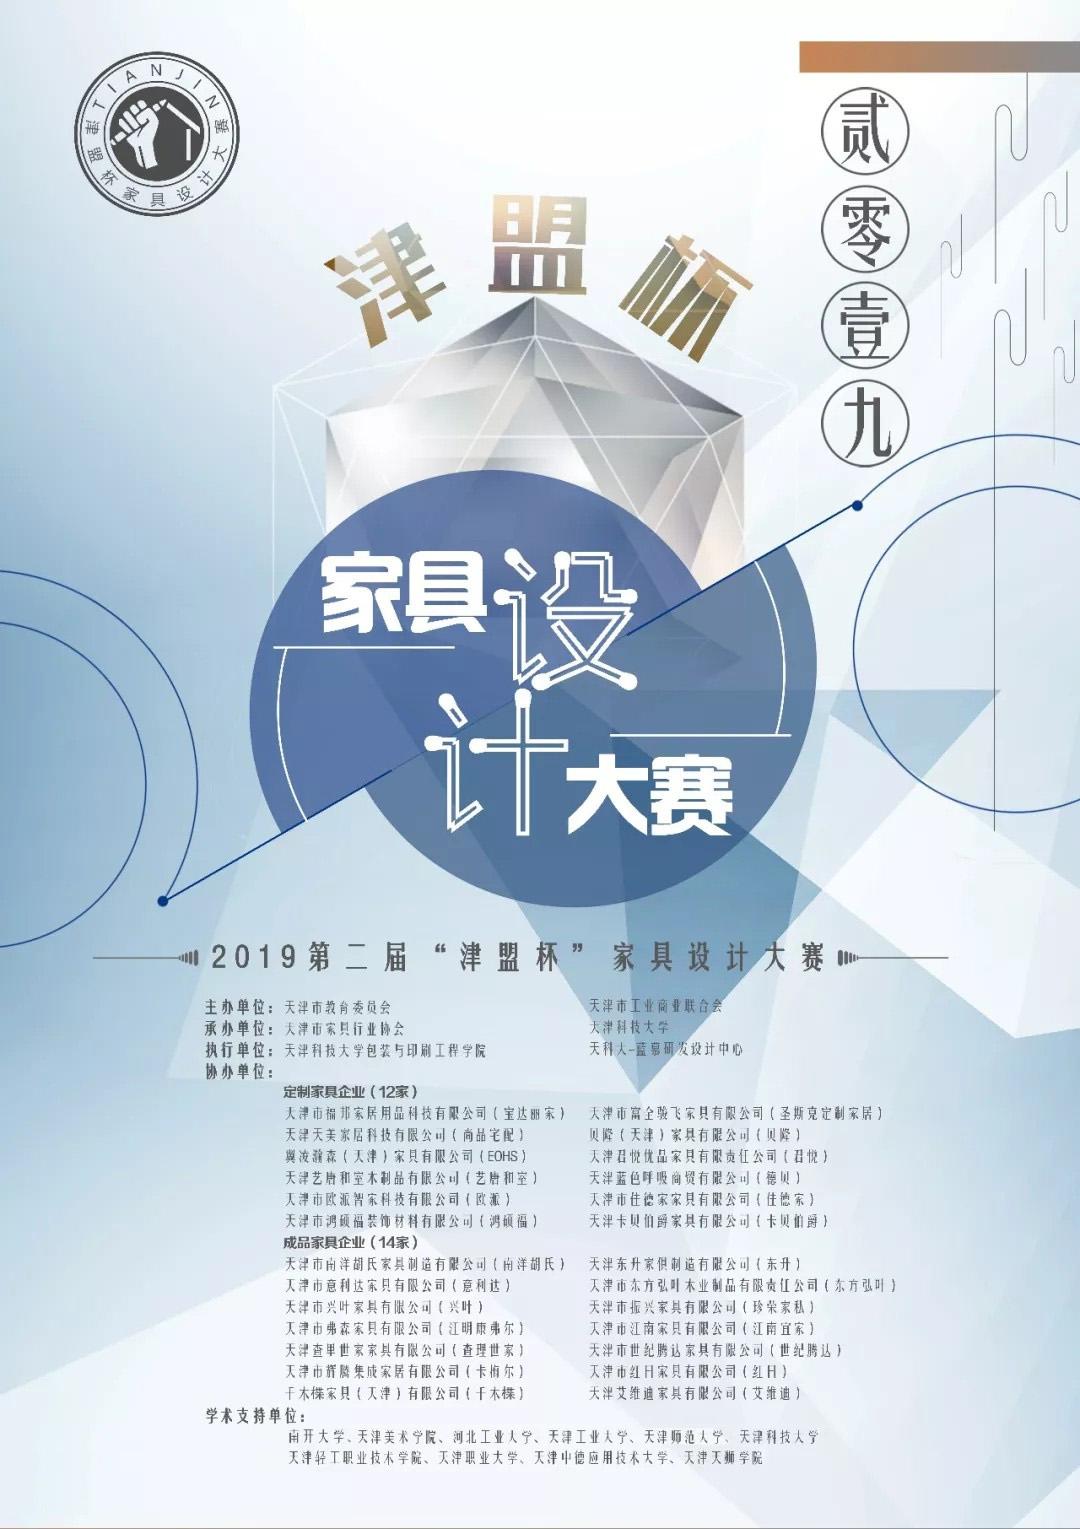 2019第二屆「津盟杯」家具設計大賽